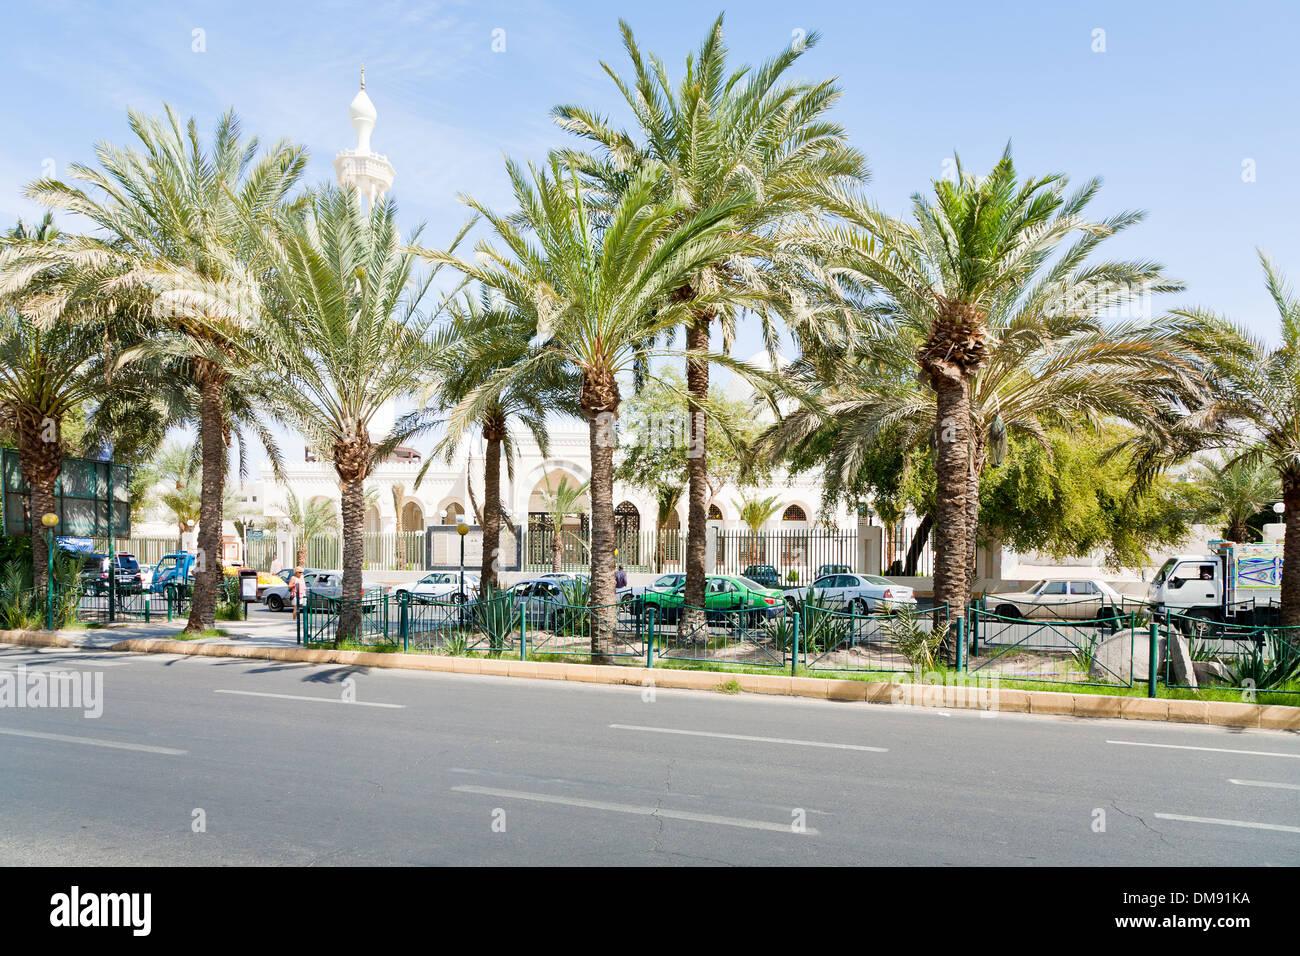 King Hussein Street in Aqaba - Stock Image